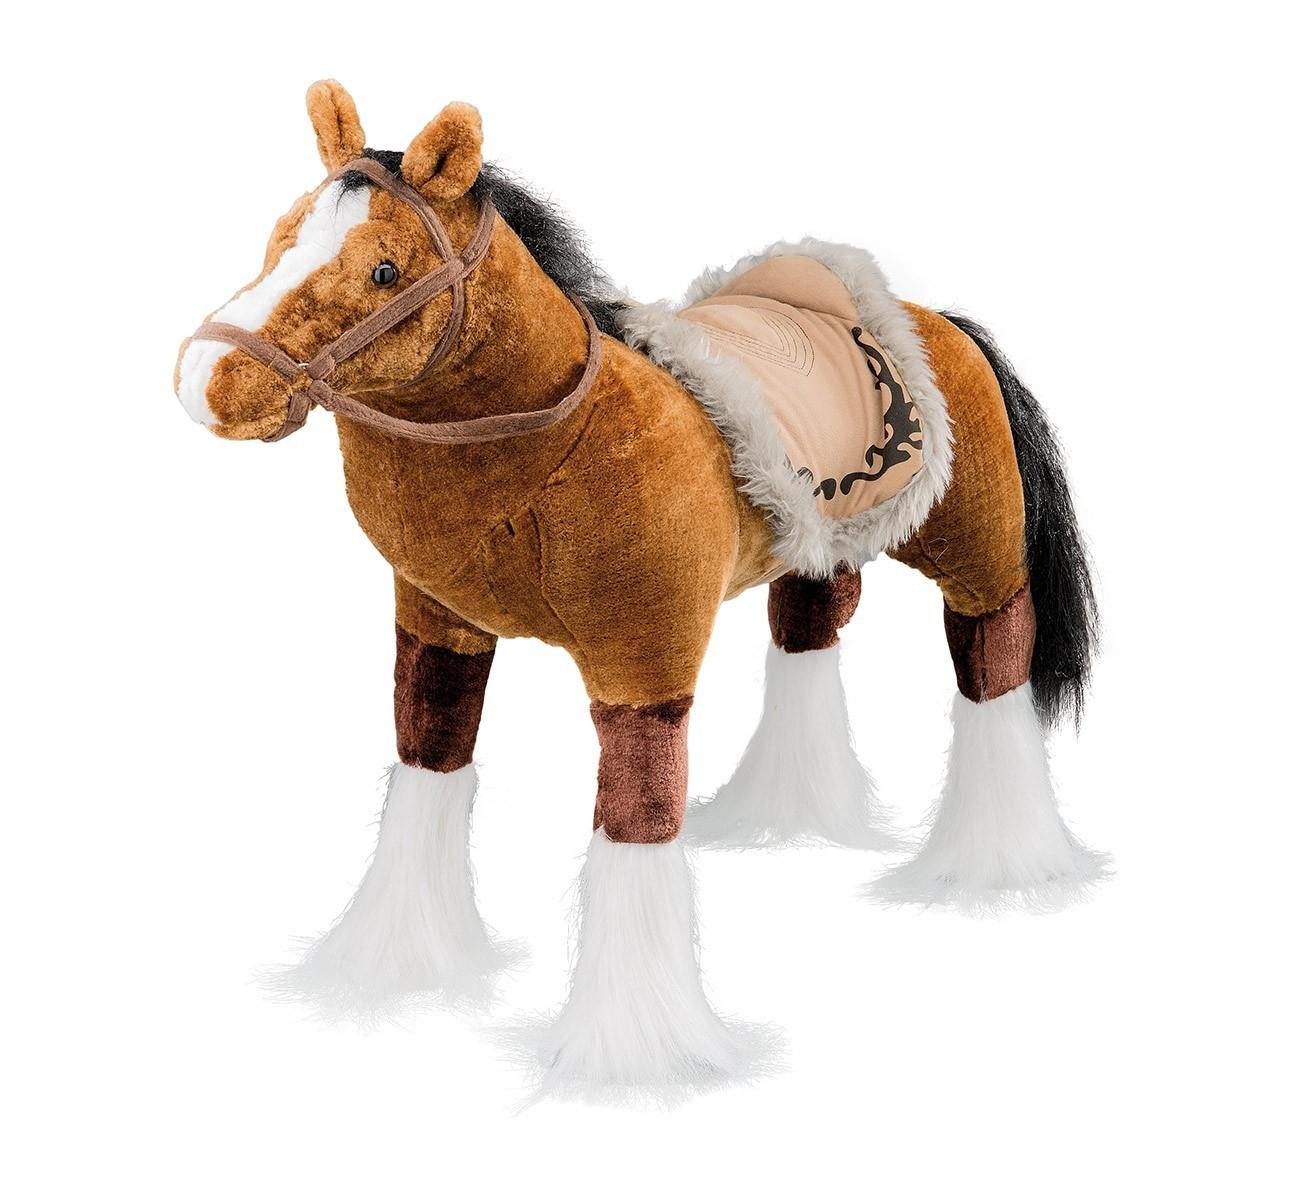 Plüschpferd braunes Pferd mit Sattel + Sound Happy People 8419 Bild 1